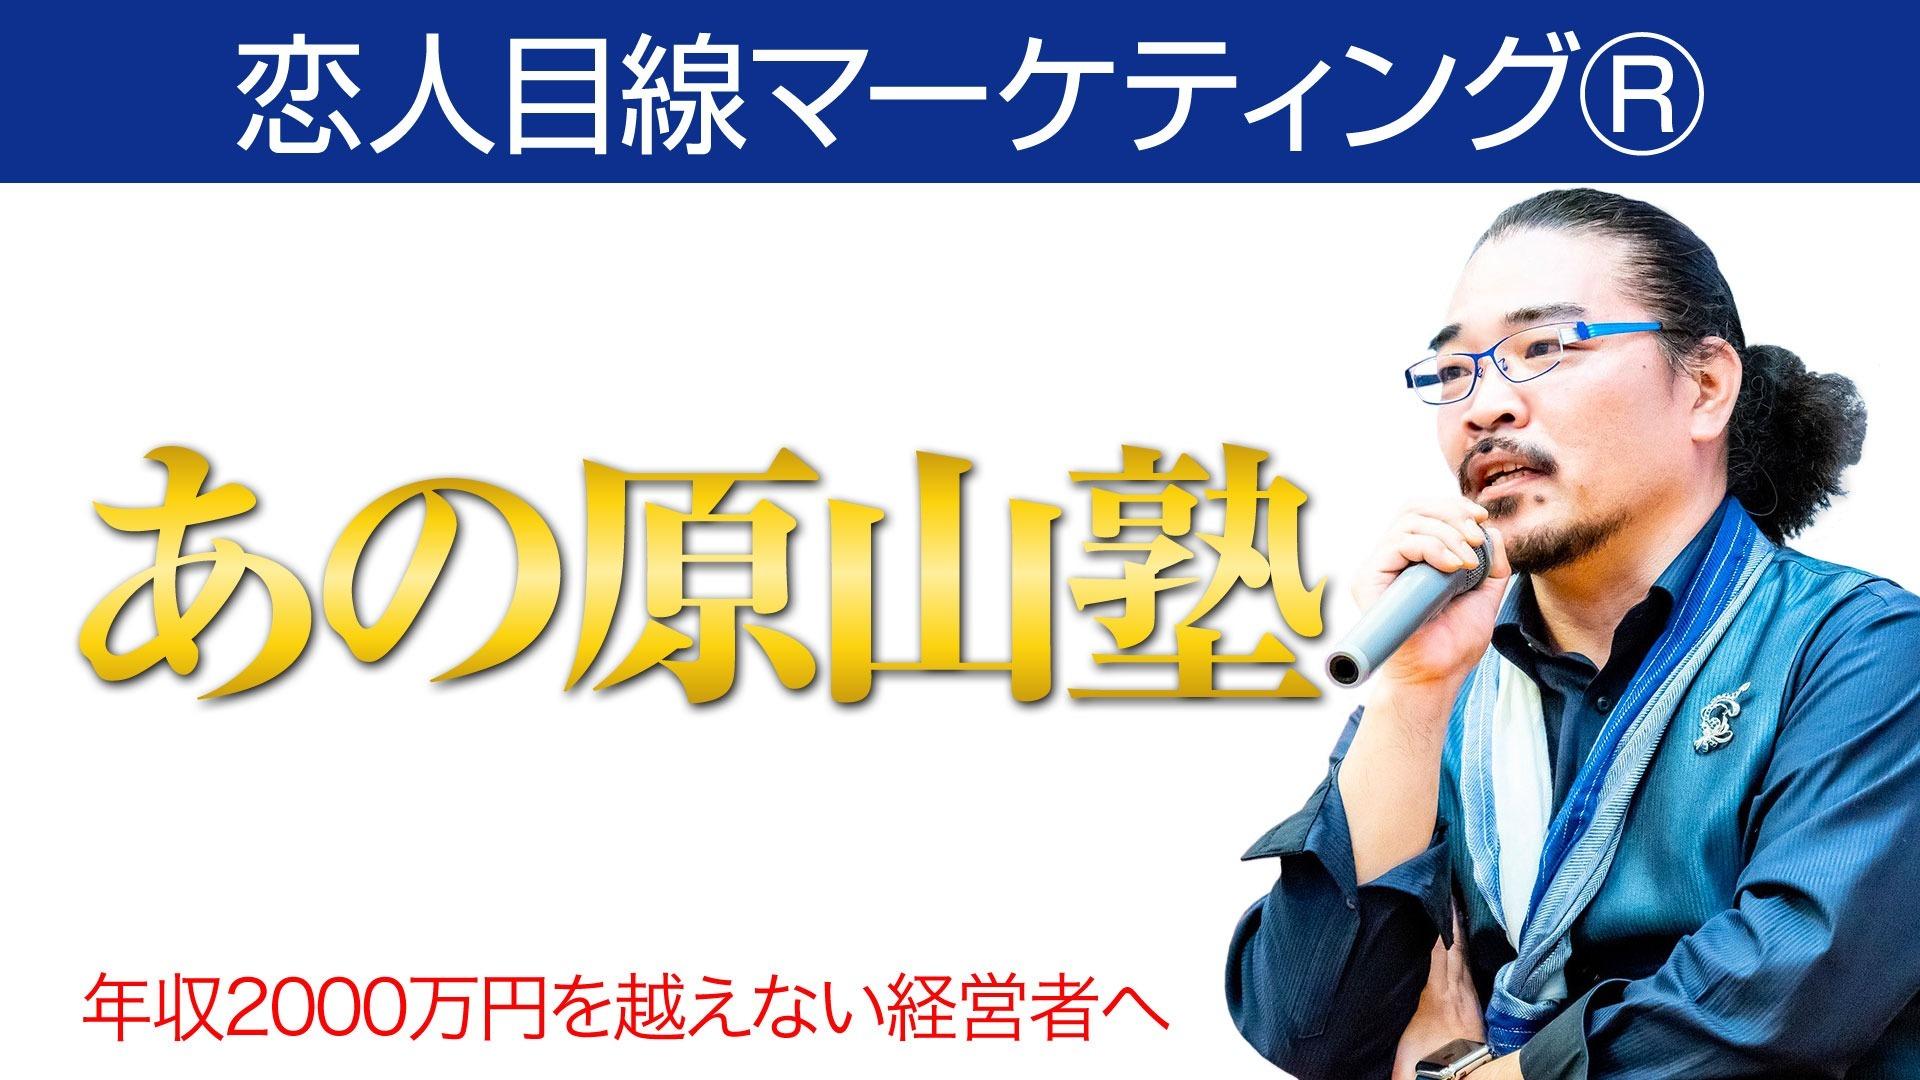 恋人目線マーケティング「あの原山塾」